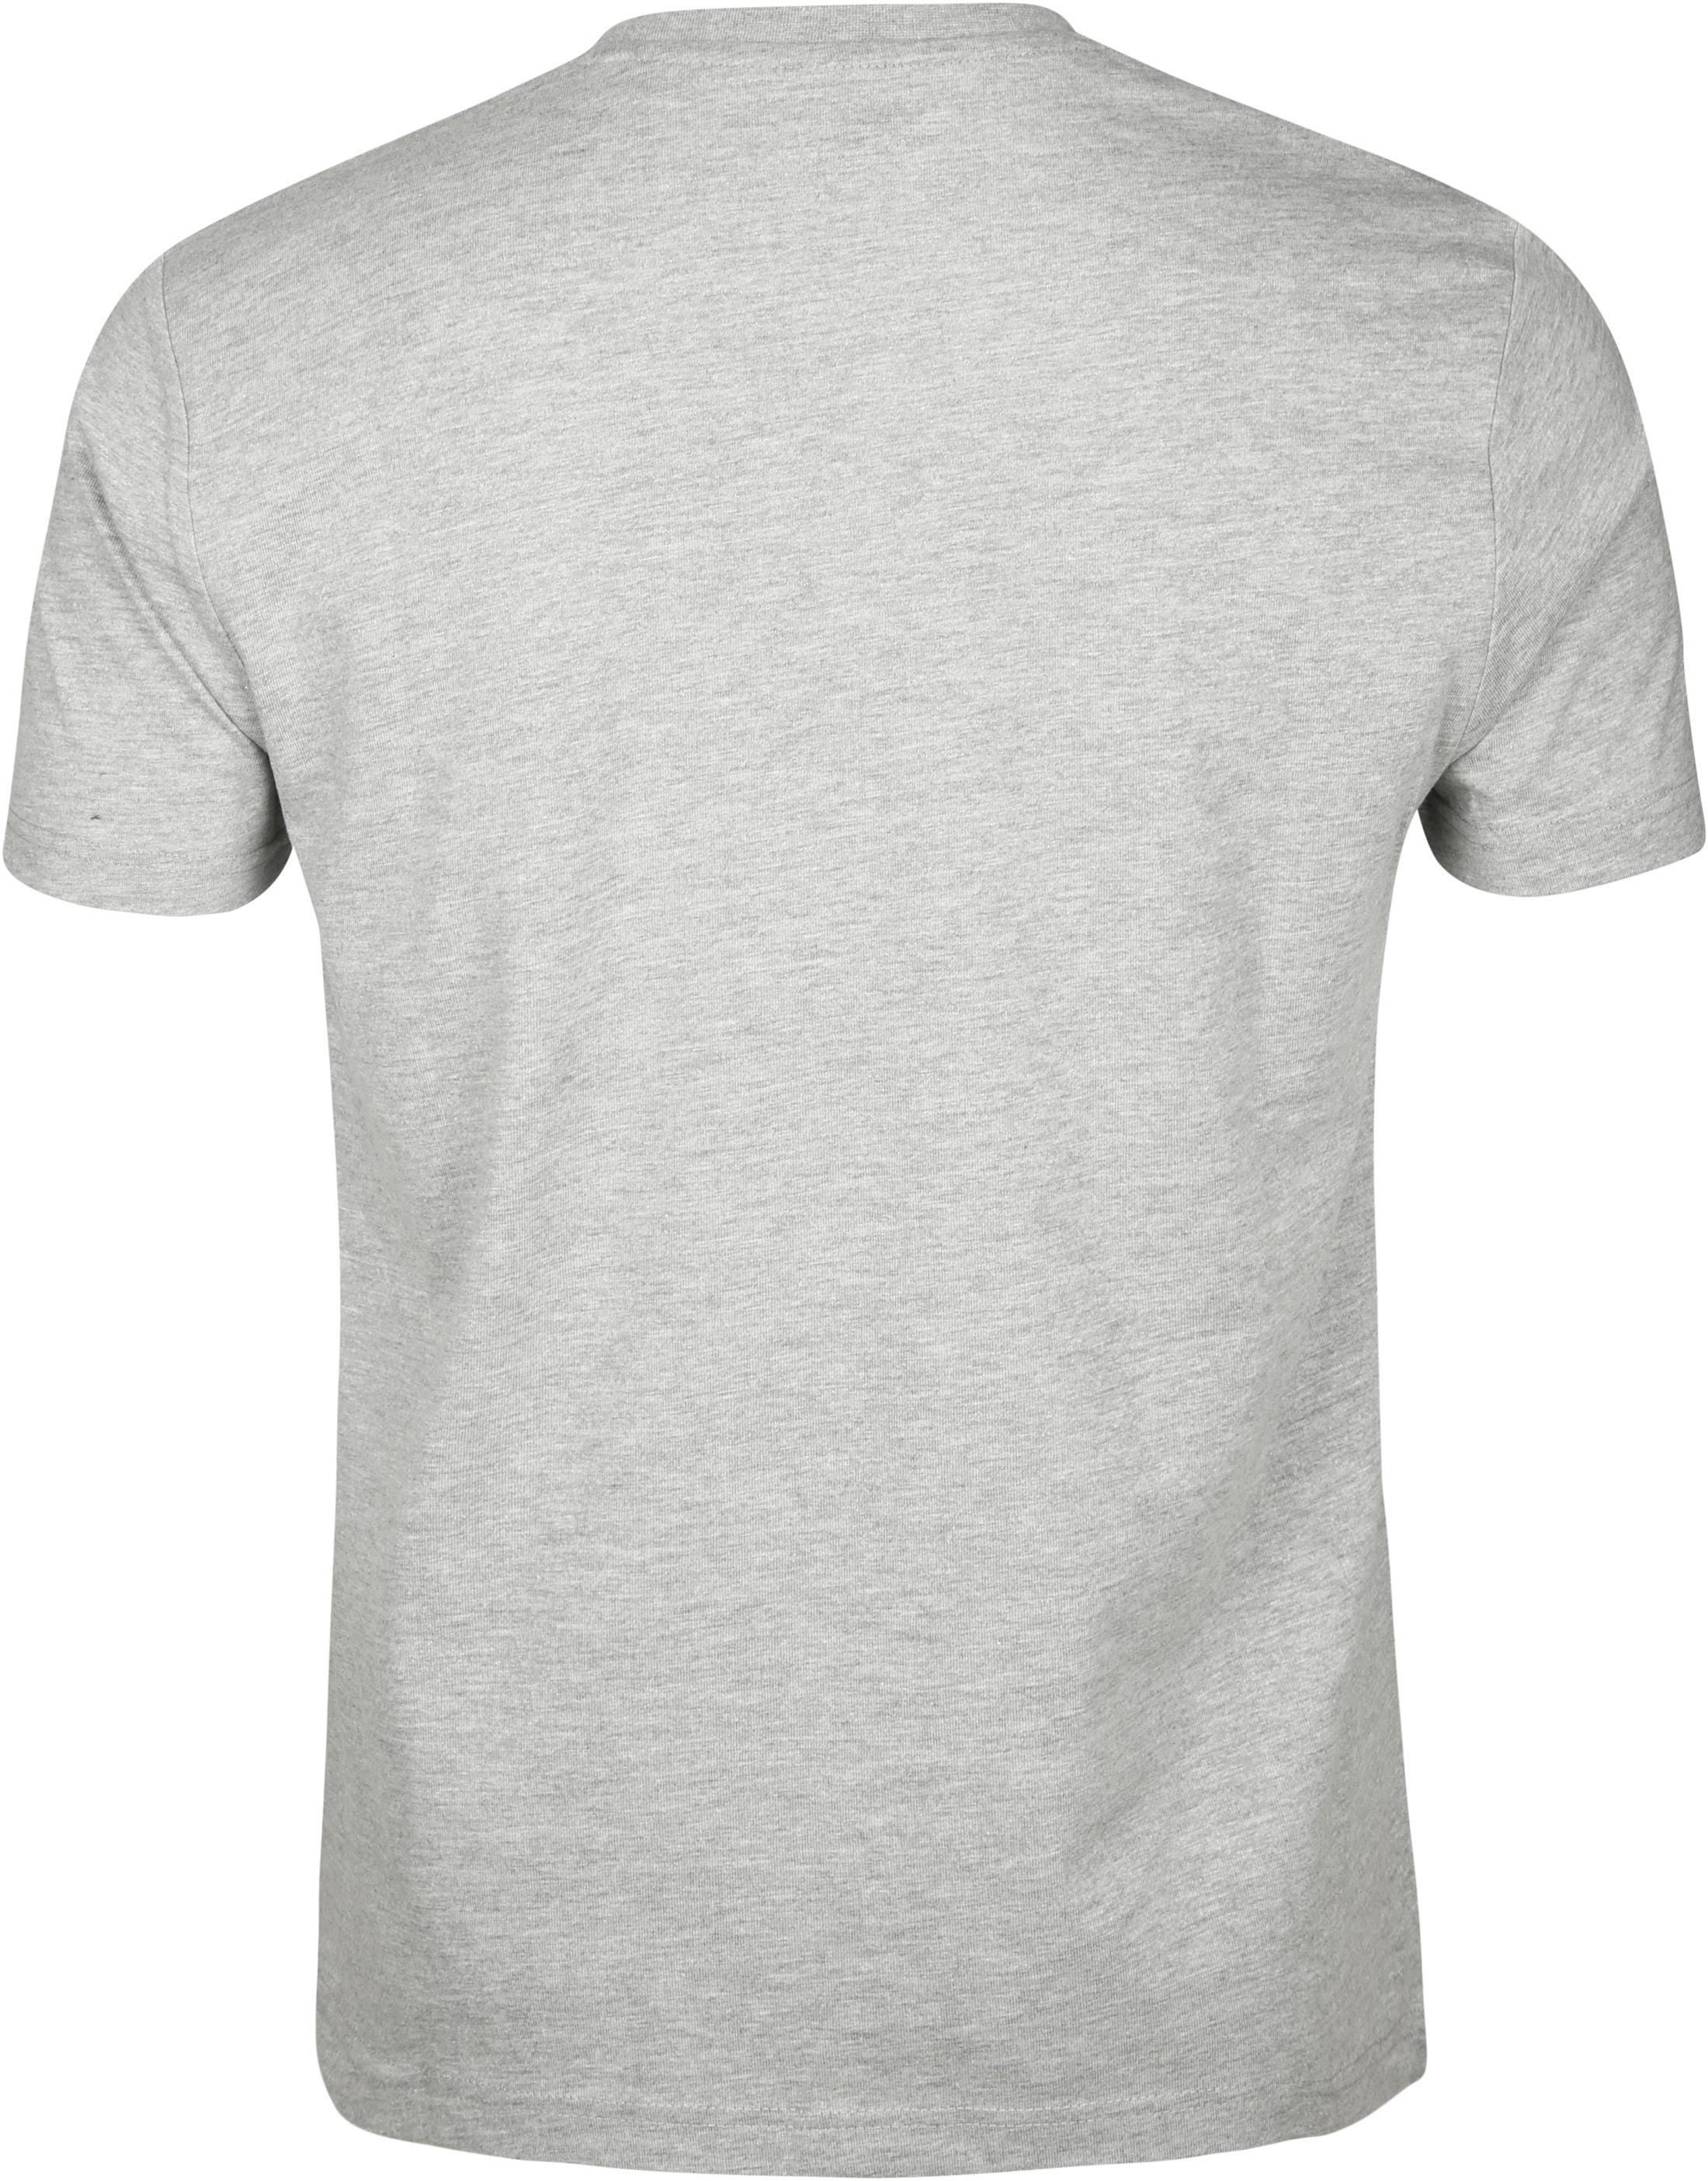 Original Penguin T-shirt Print Grijs foto 2